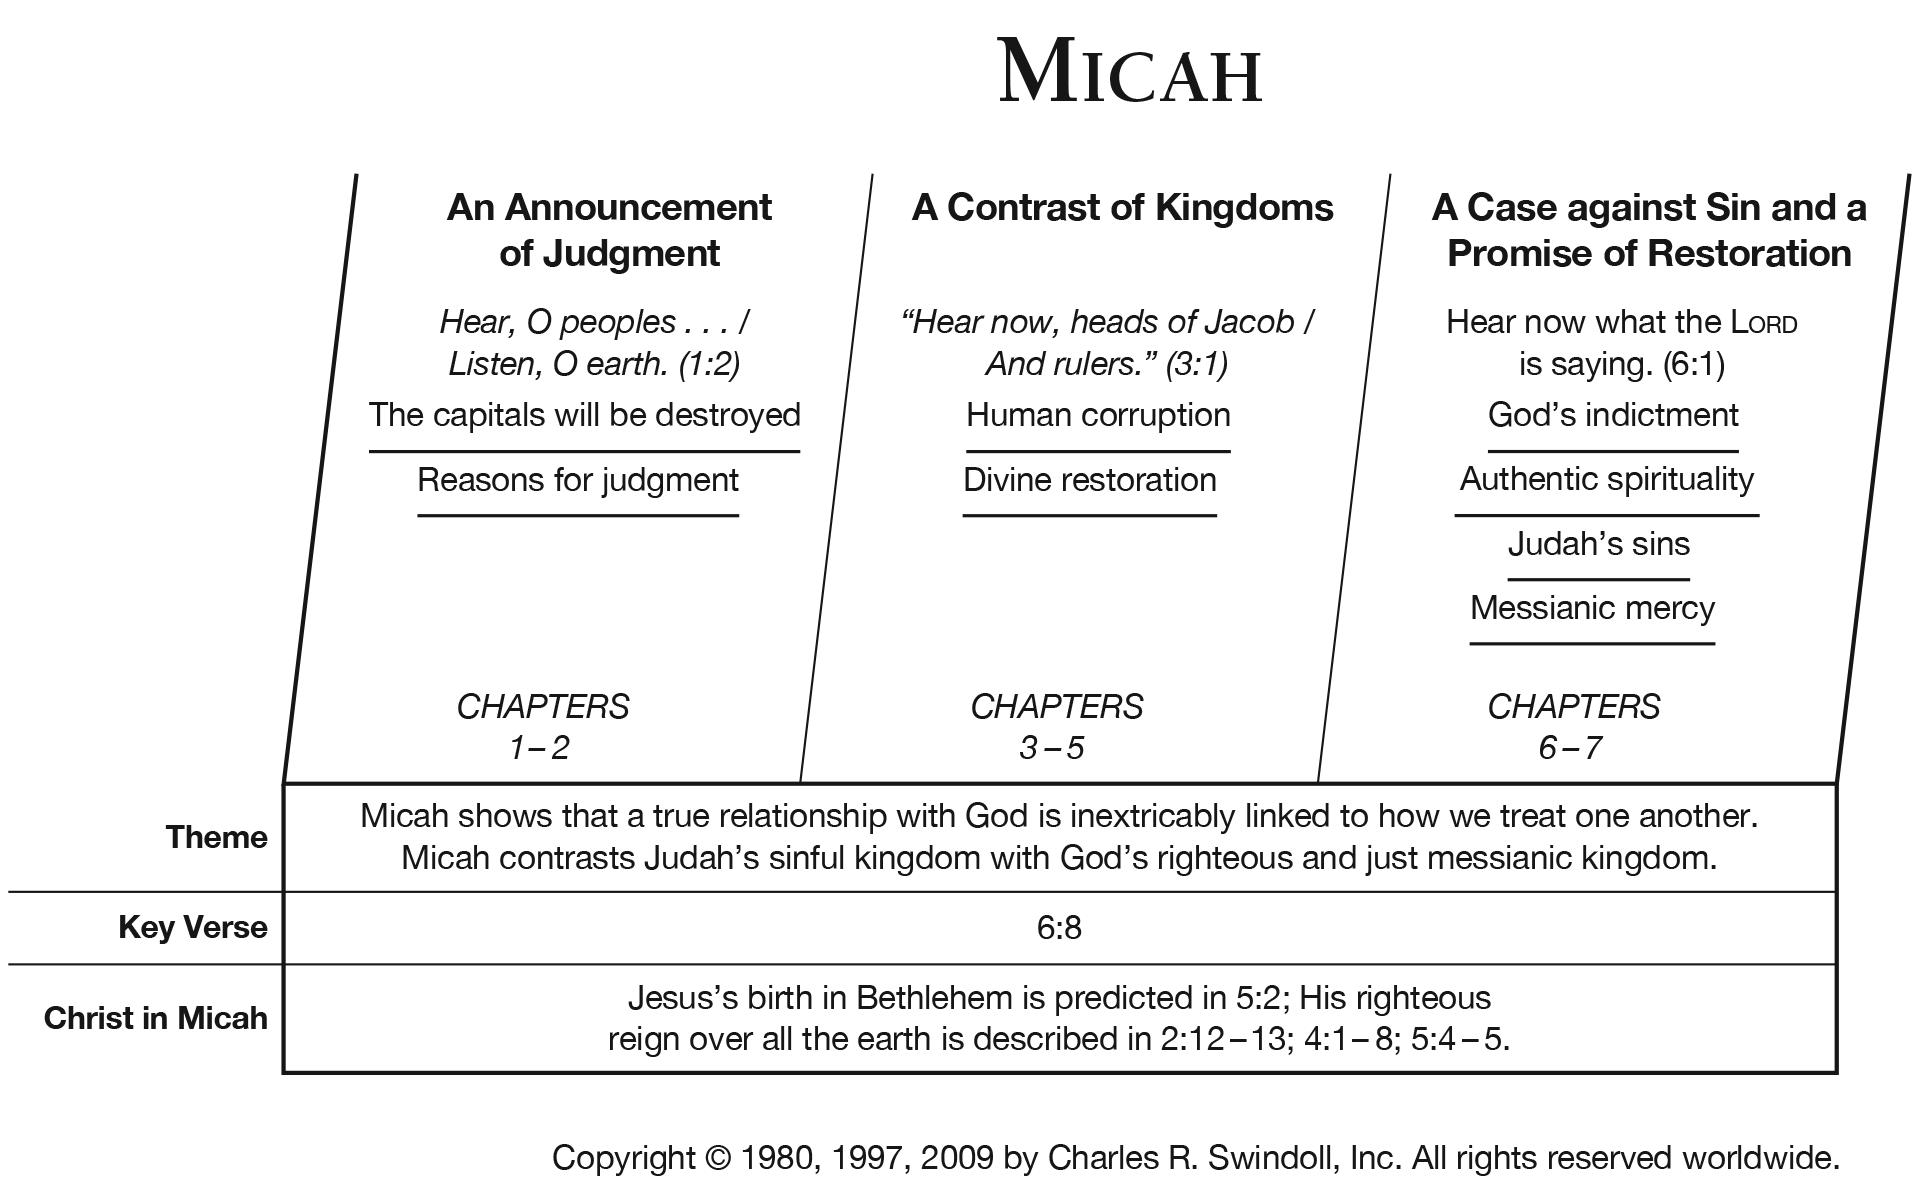 33-Micah